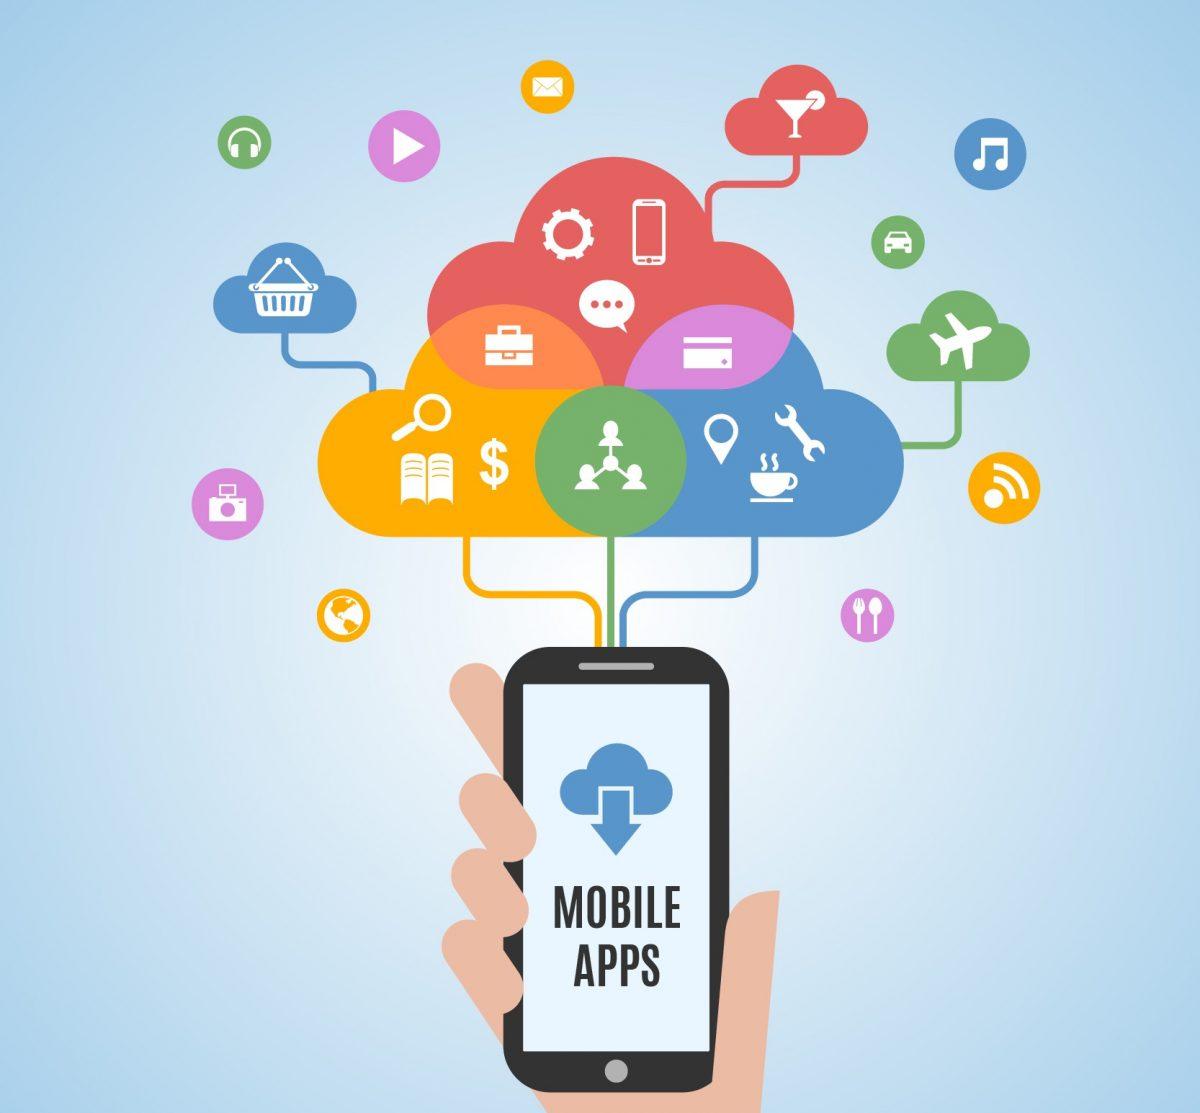 mobile-apps-1200x1113.jpg